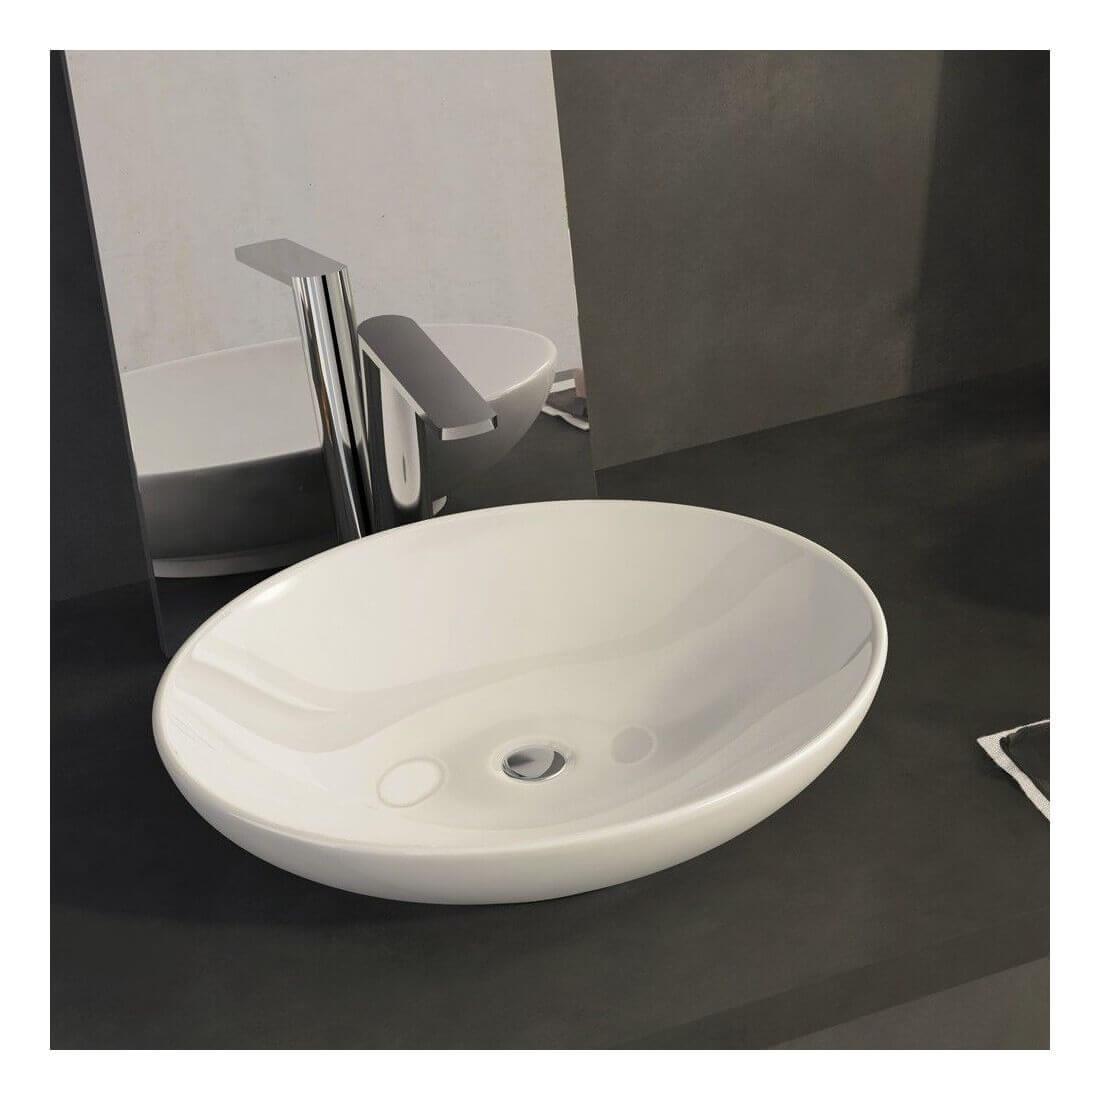 Comprar lavabo sobre encimera ovalo al mejor precio online - Lavabo sobre encimera ...